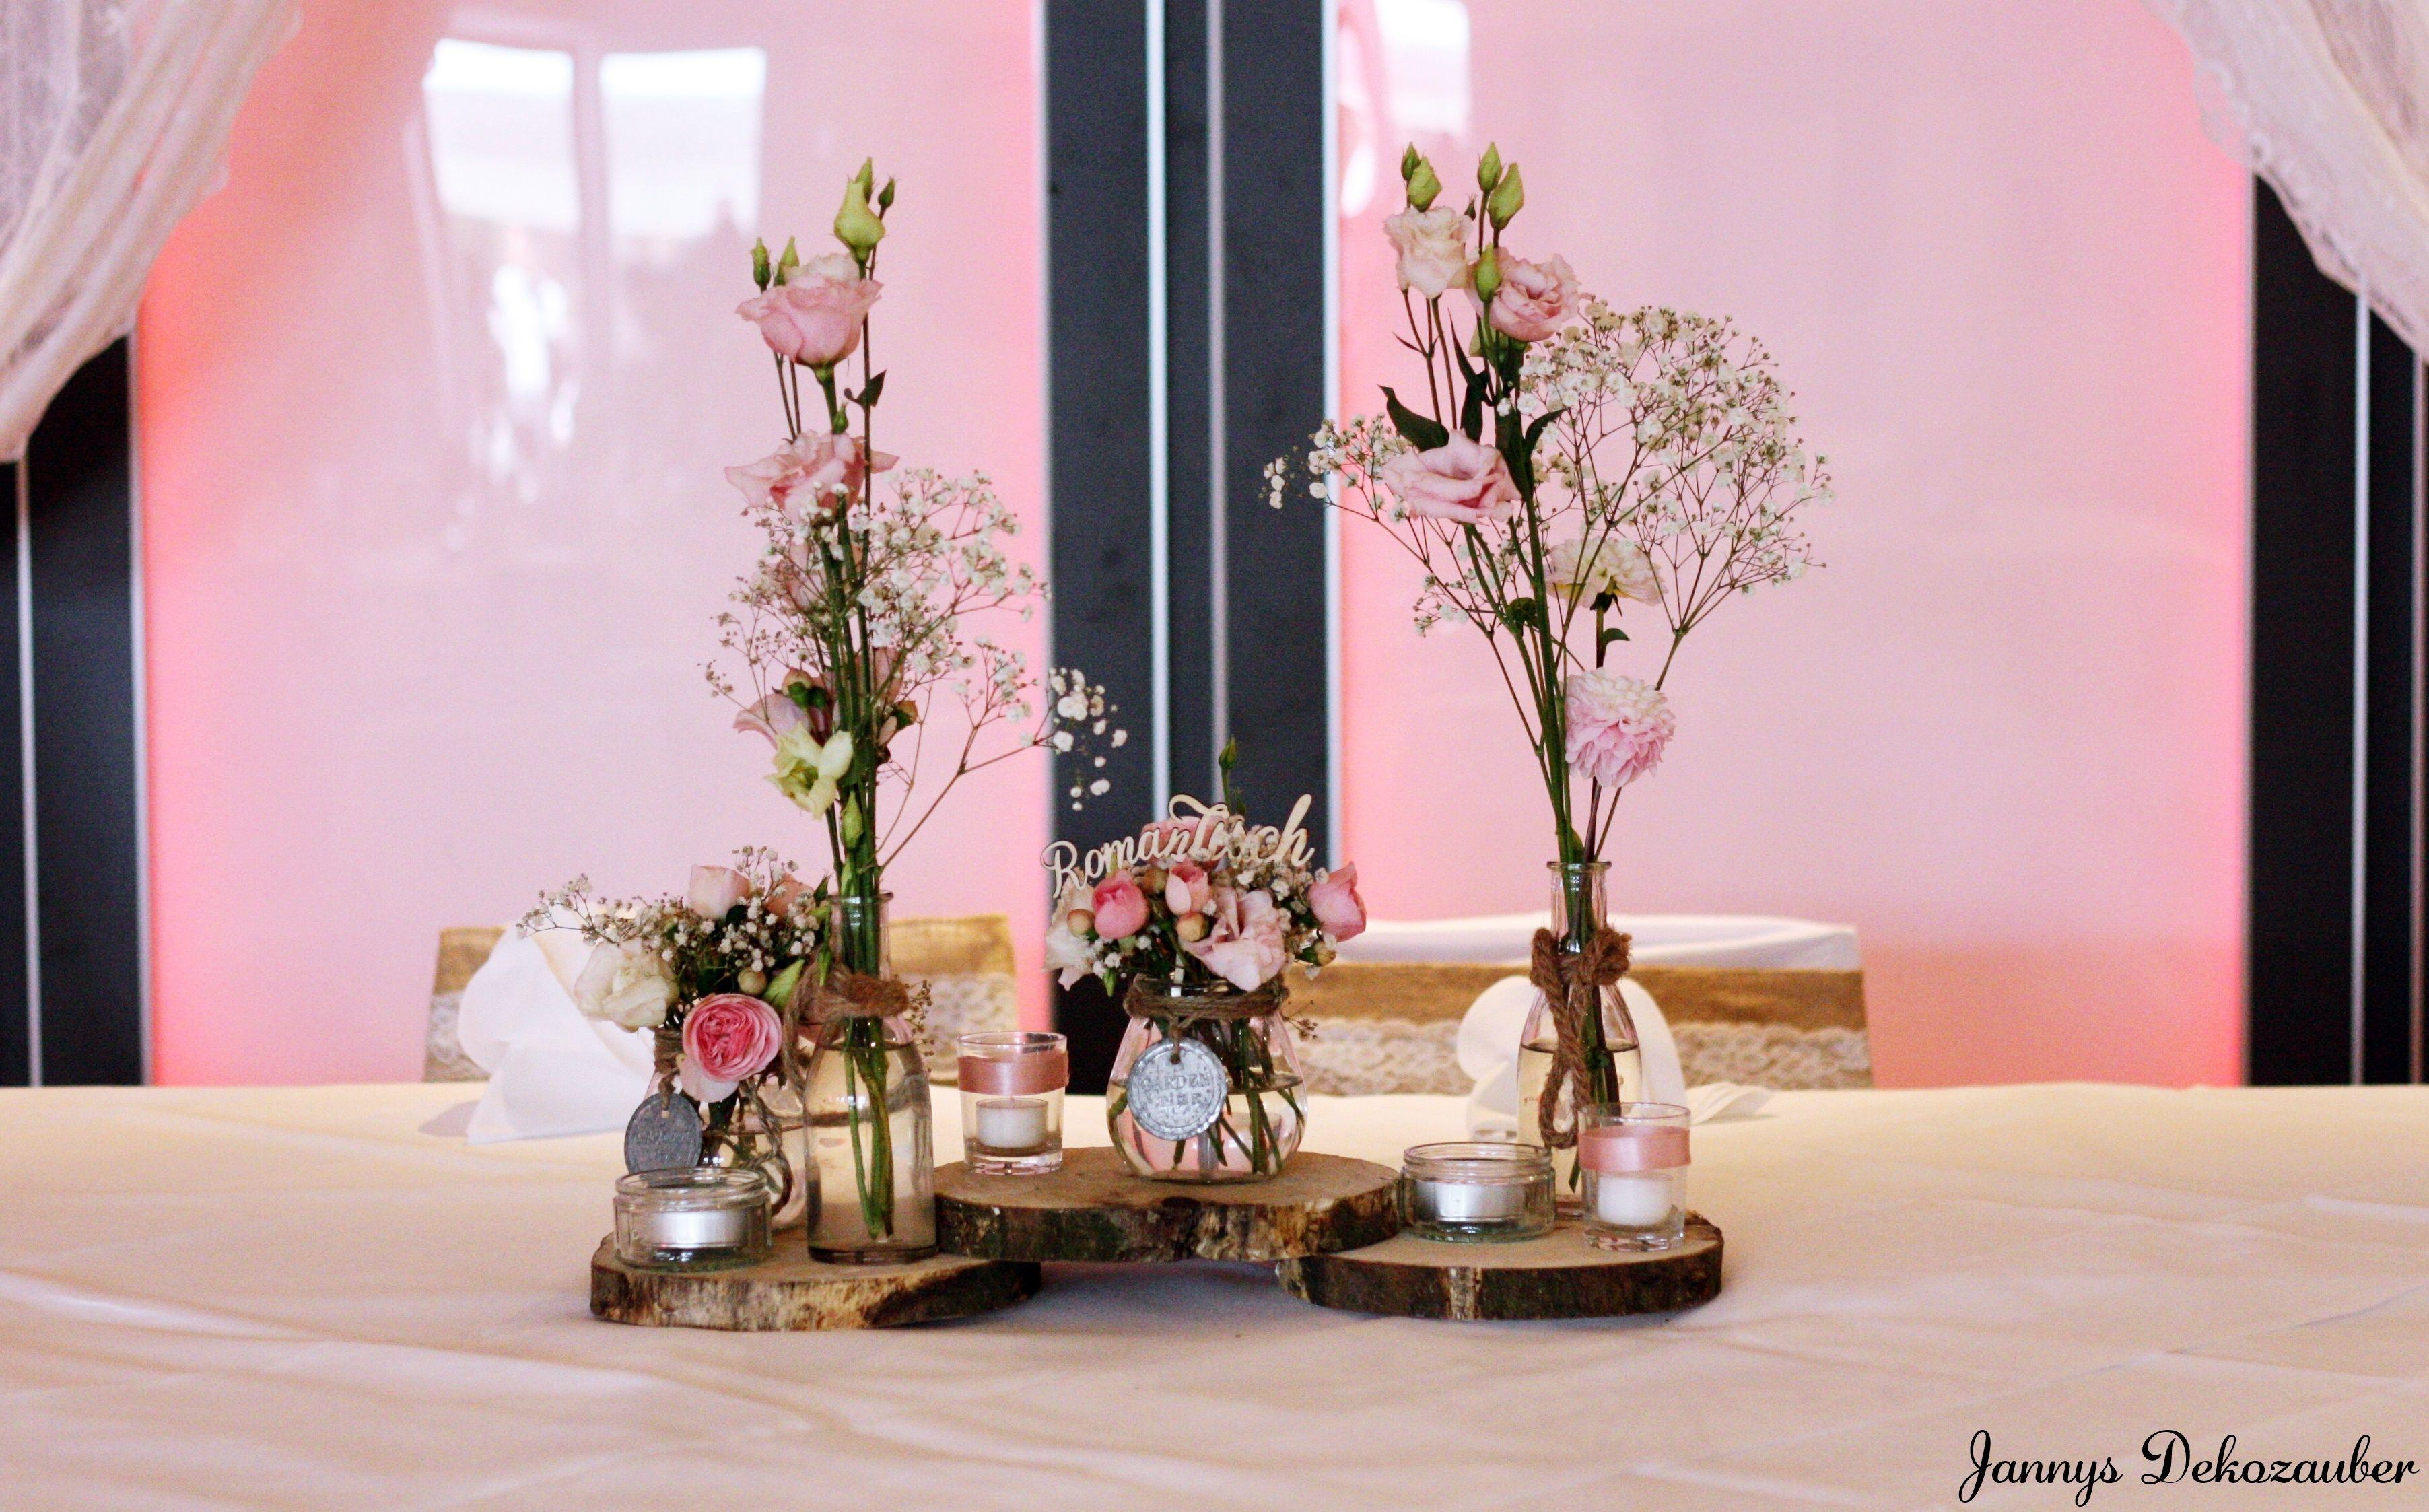 Vintage Holzscheiben Brautpaarisch Haupttisch Hochzeit Tischdeko Blumen Rosa Holz Bilder Dekoration Dekoration Hochzeitsdekoration